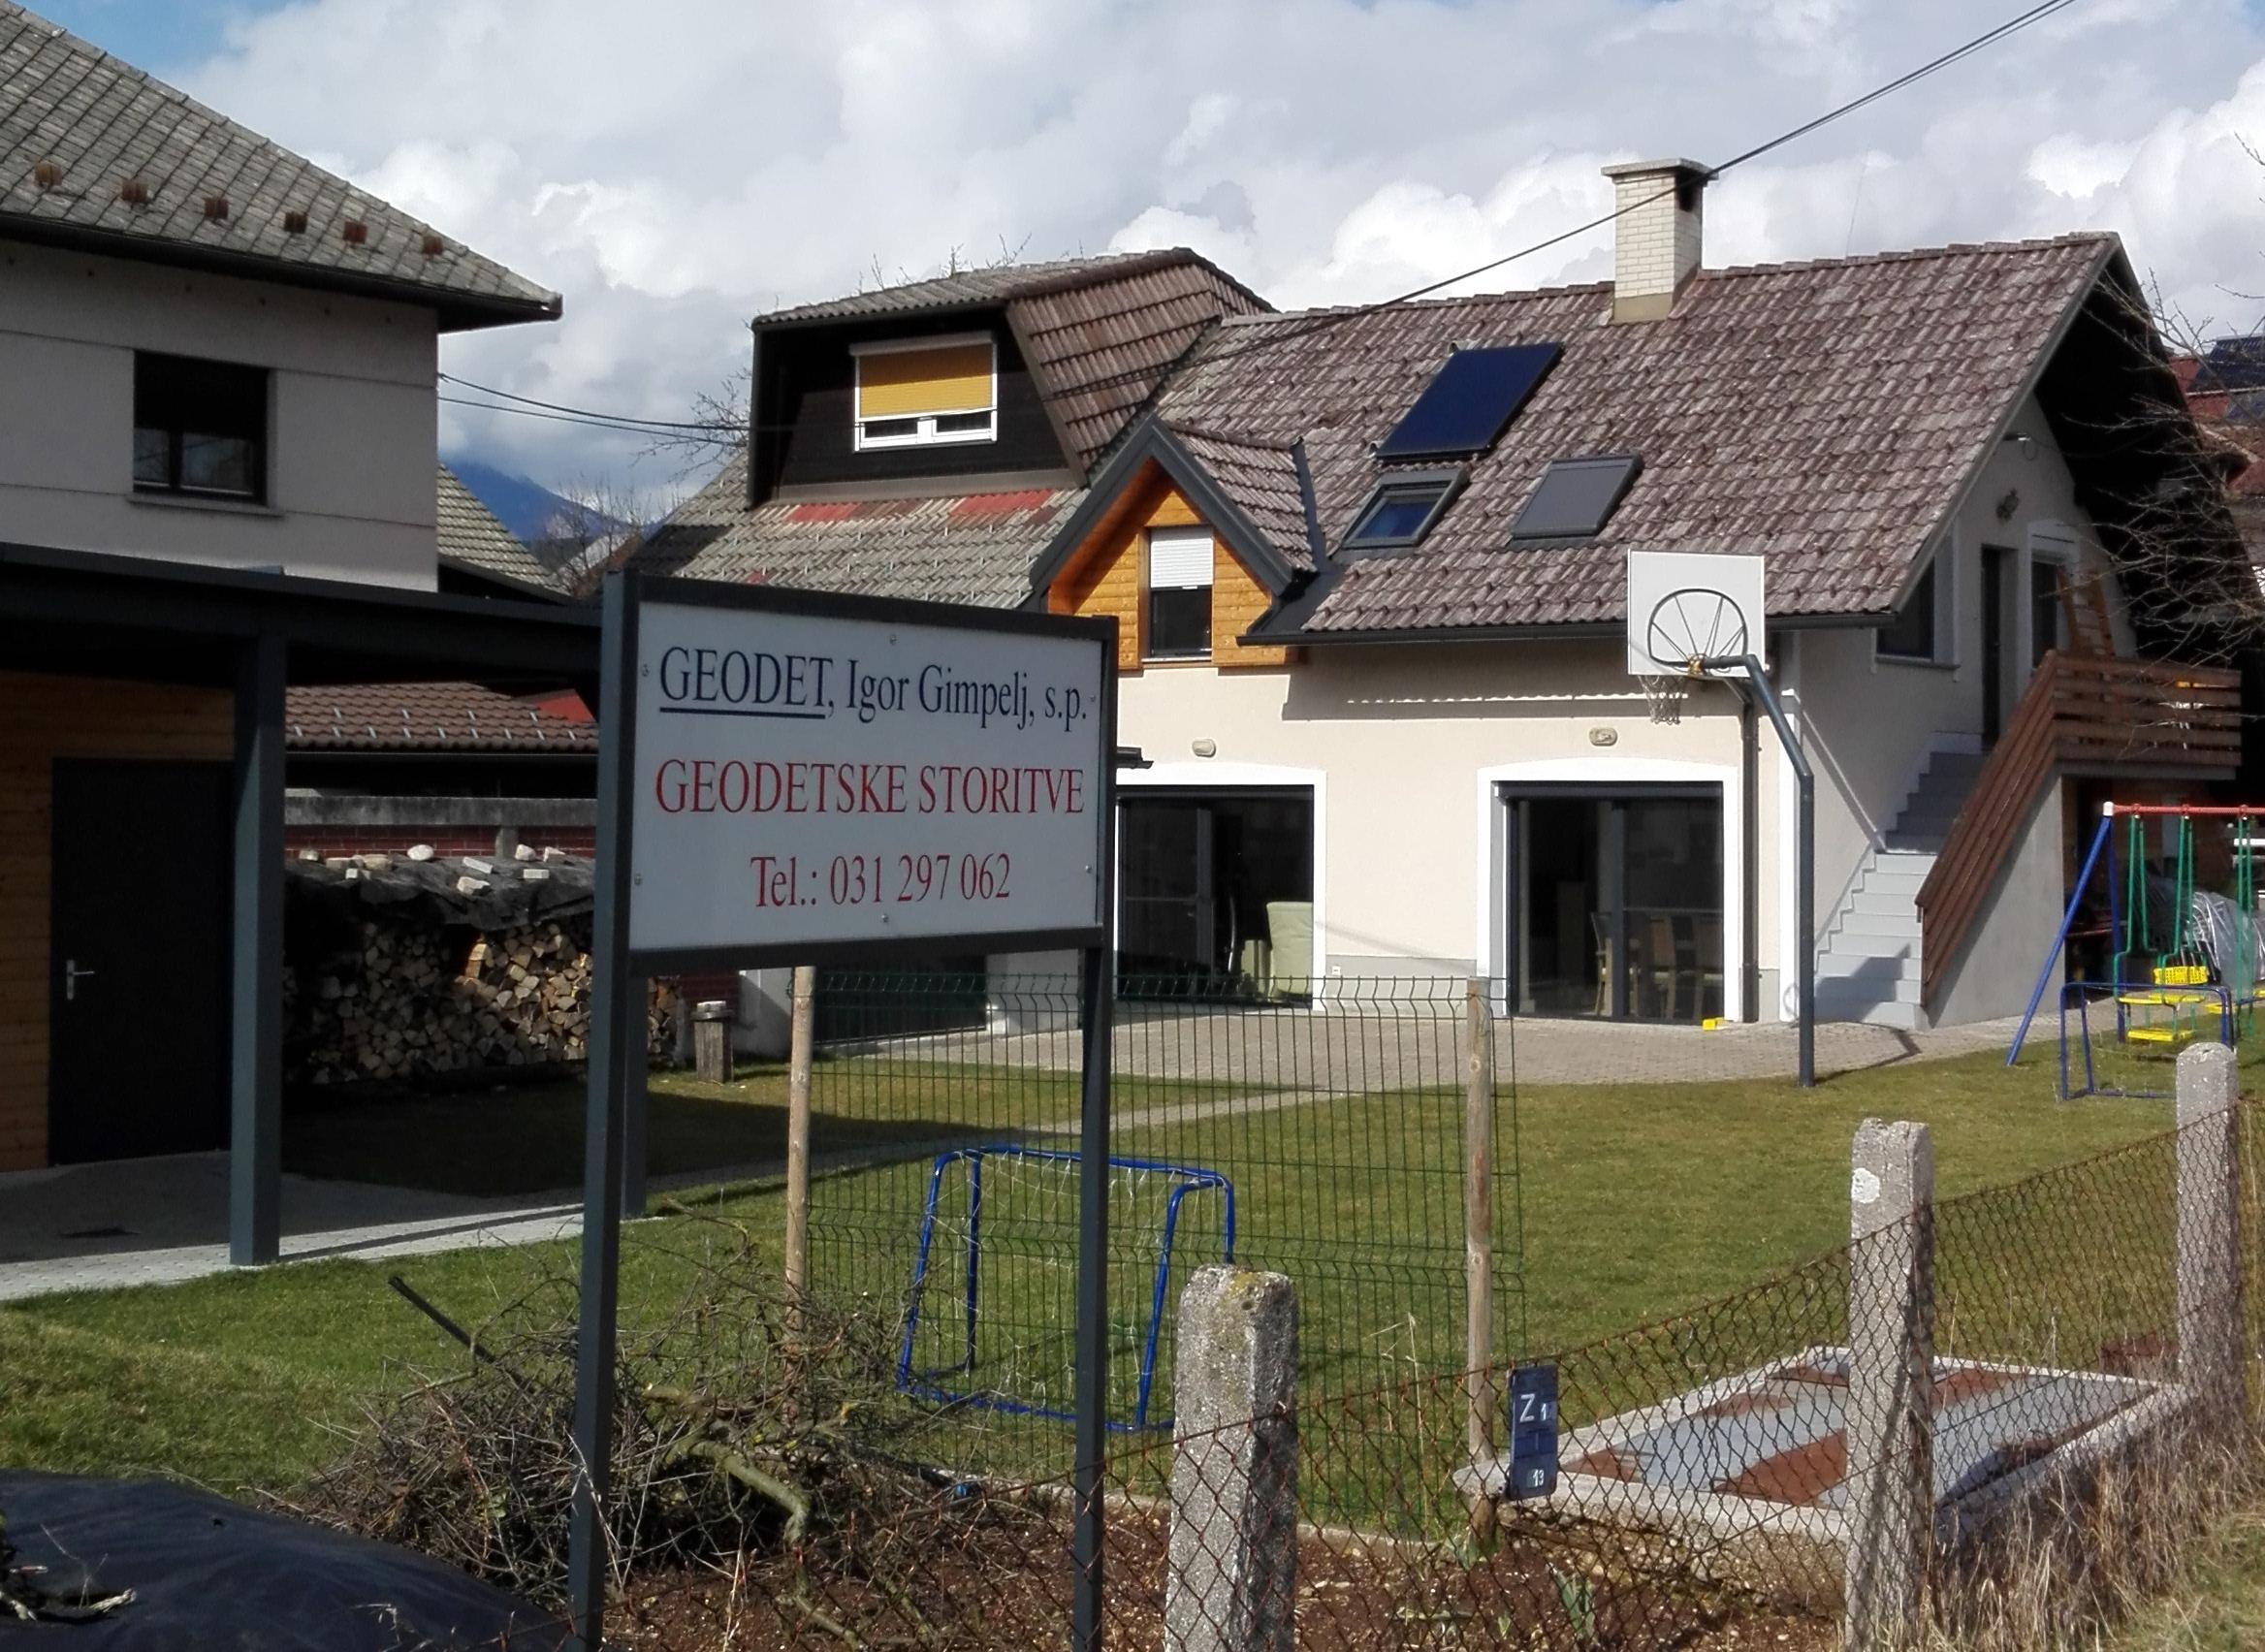 GEODET - Geodetske storitve, parcelacija, geodetski posnetek, cena, Kranj 003